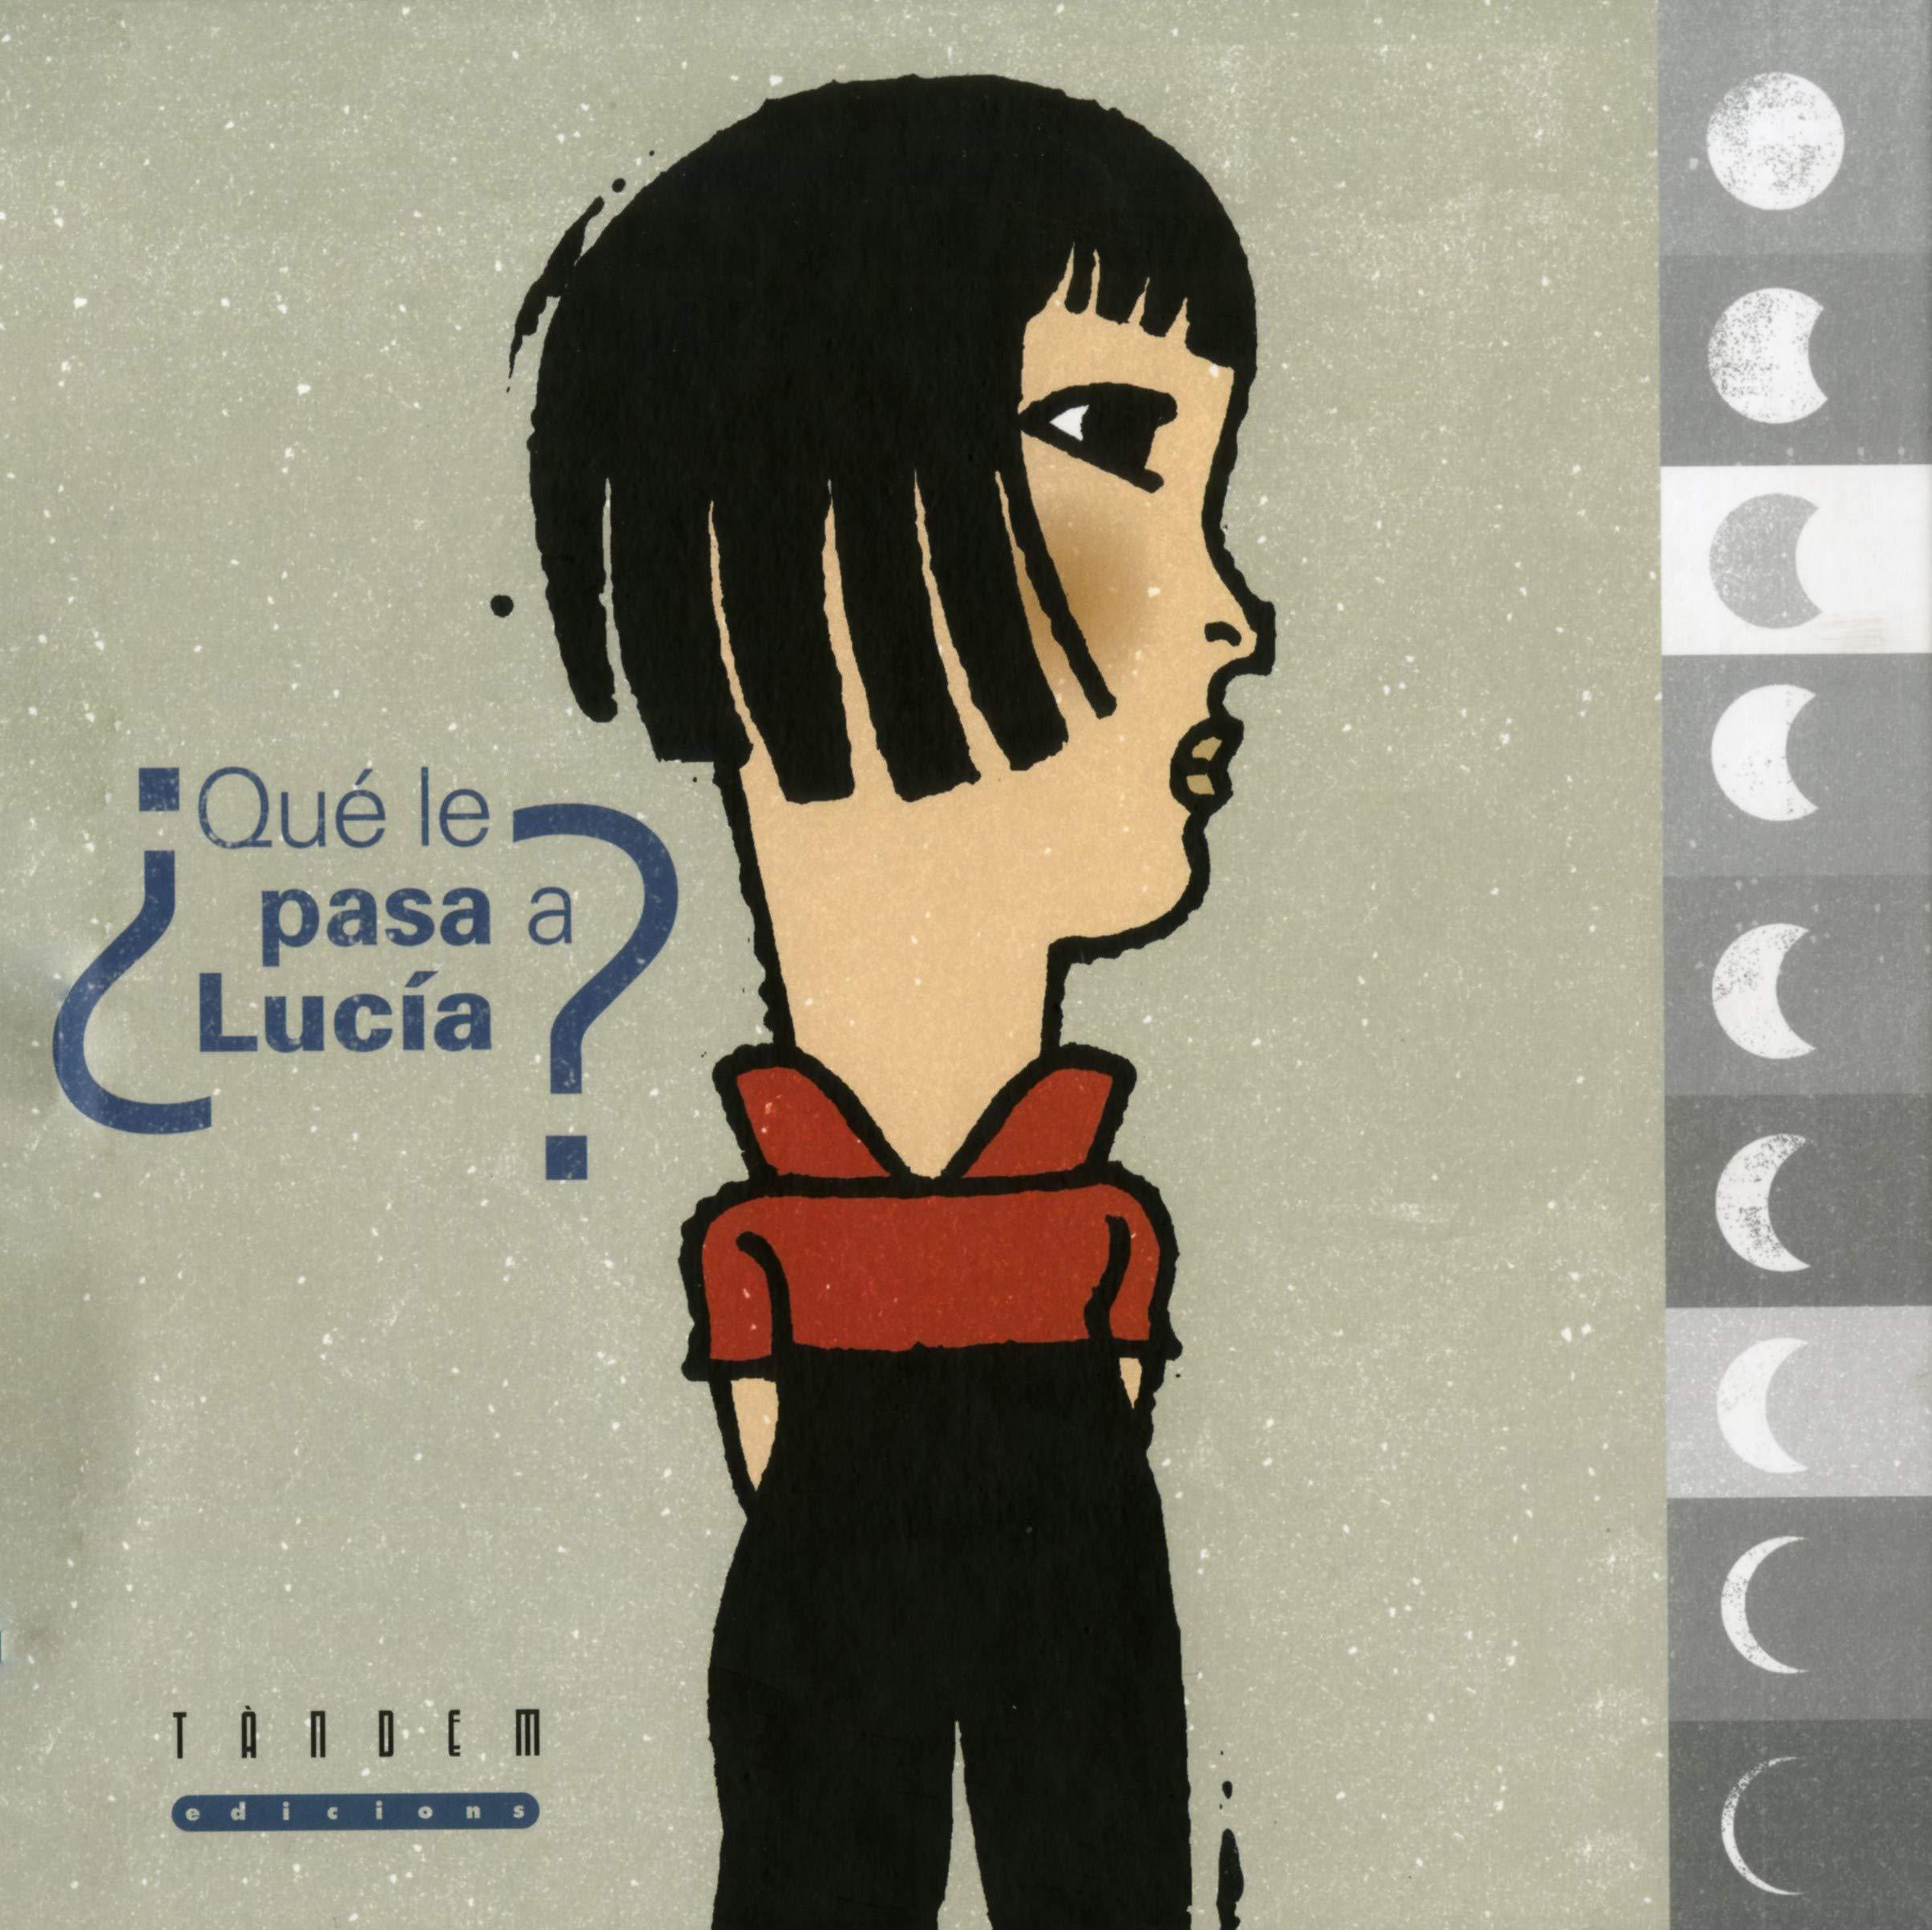 Qué le pasa a Lucía? (Álbumes Ilustrados): Amazon.es: Sobrino, Javier,  Amargo, Pablo, Amargo, Pablo: Libros